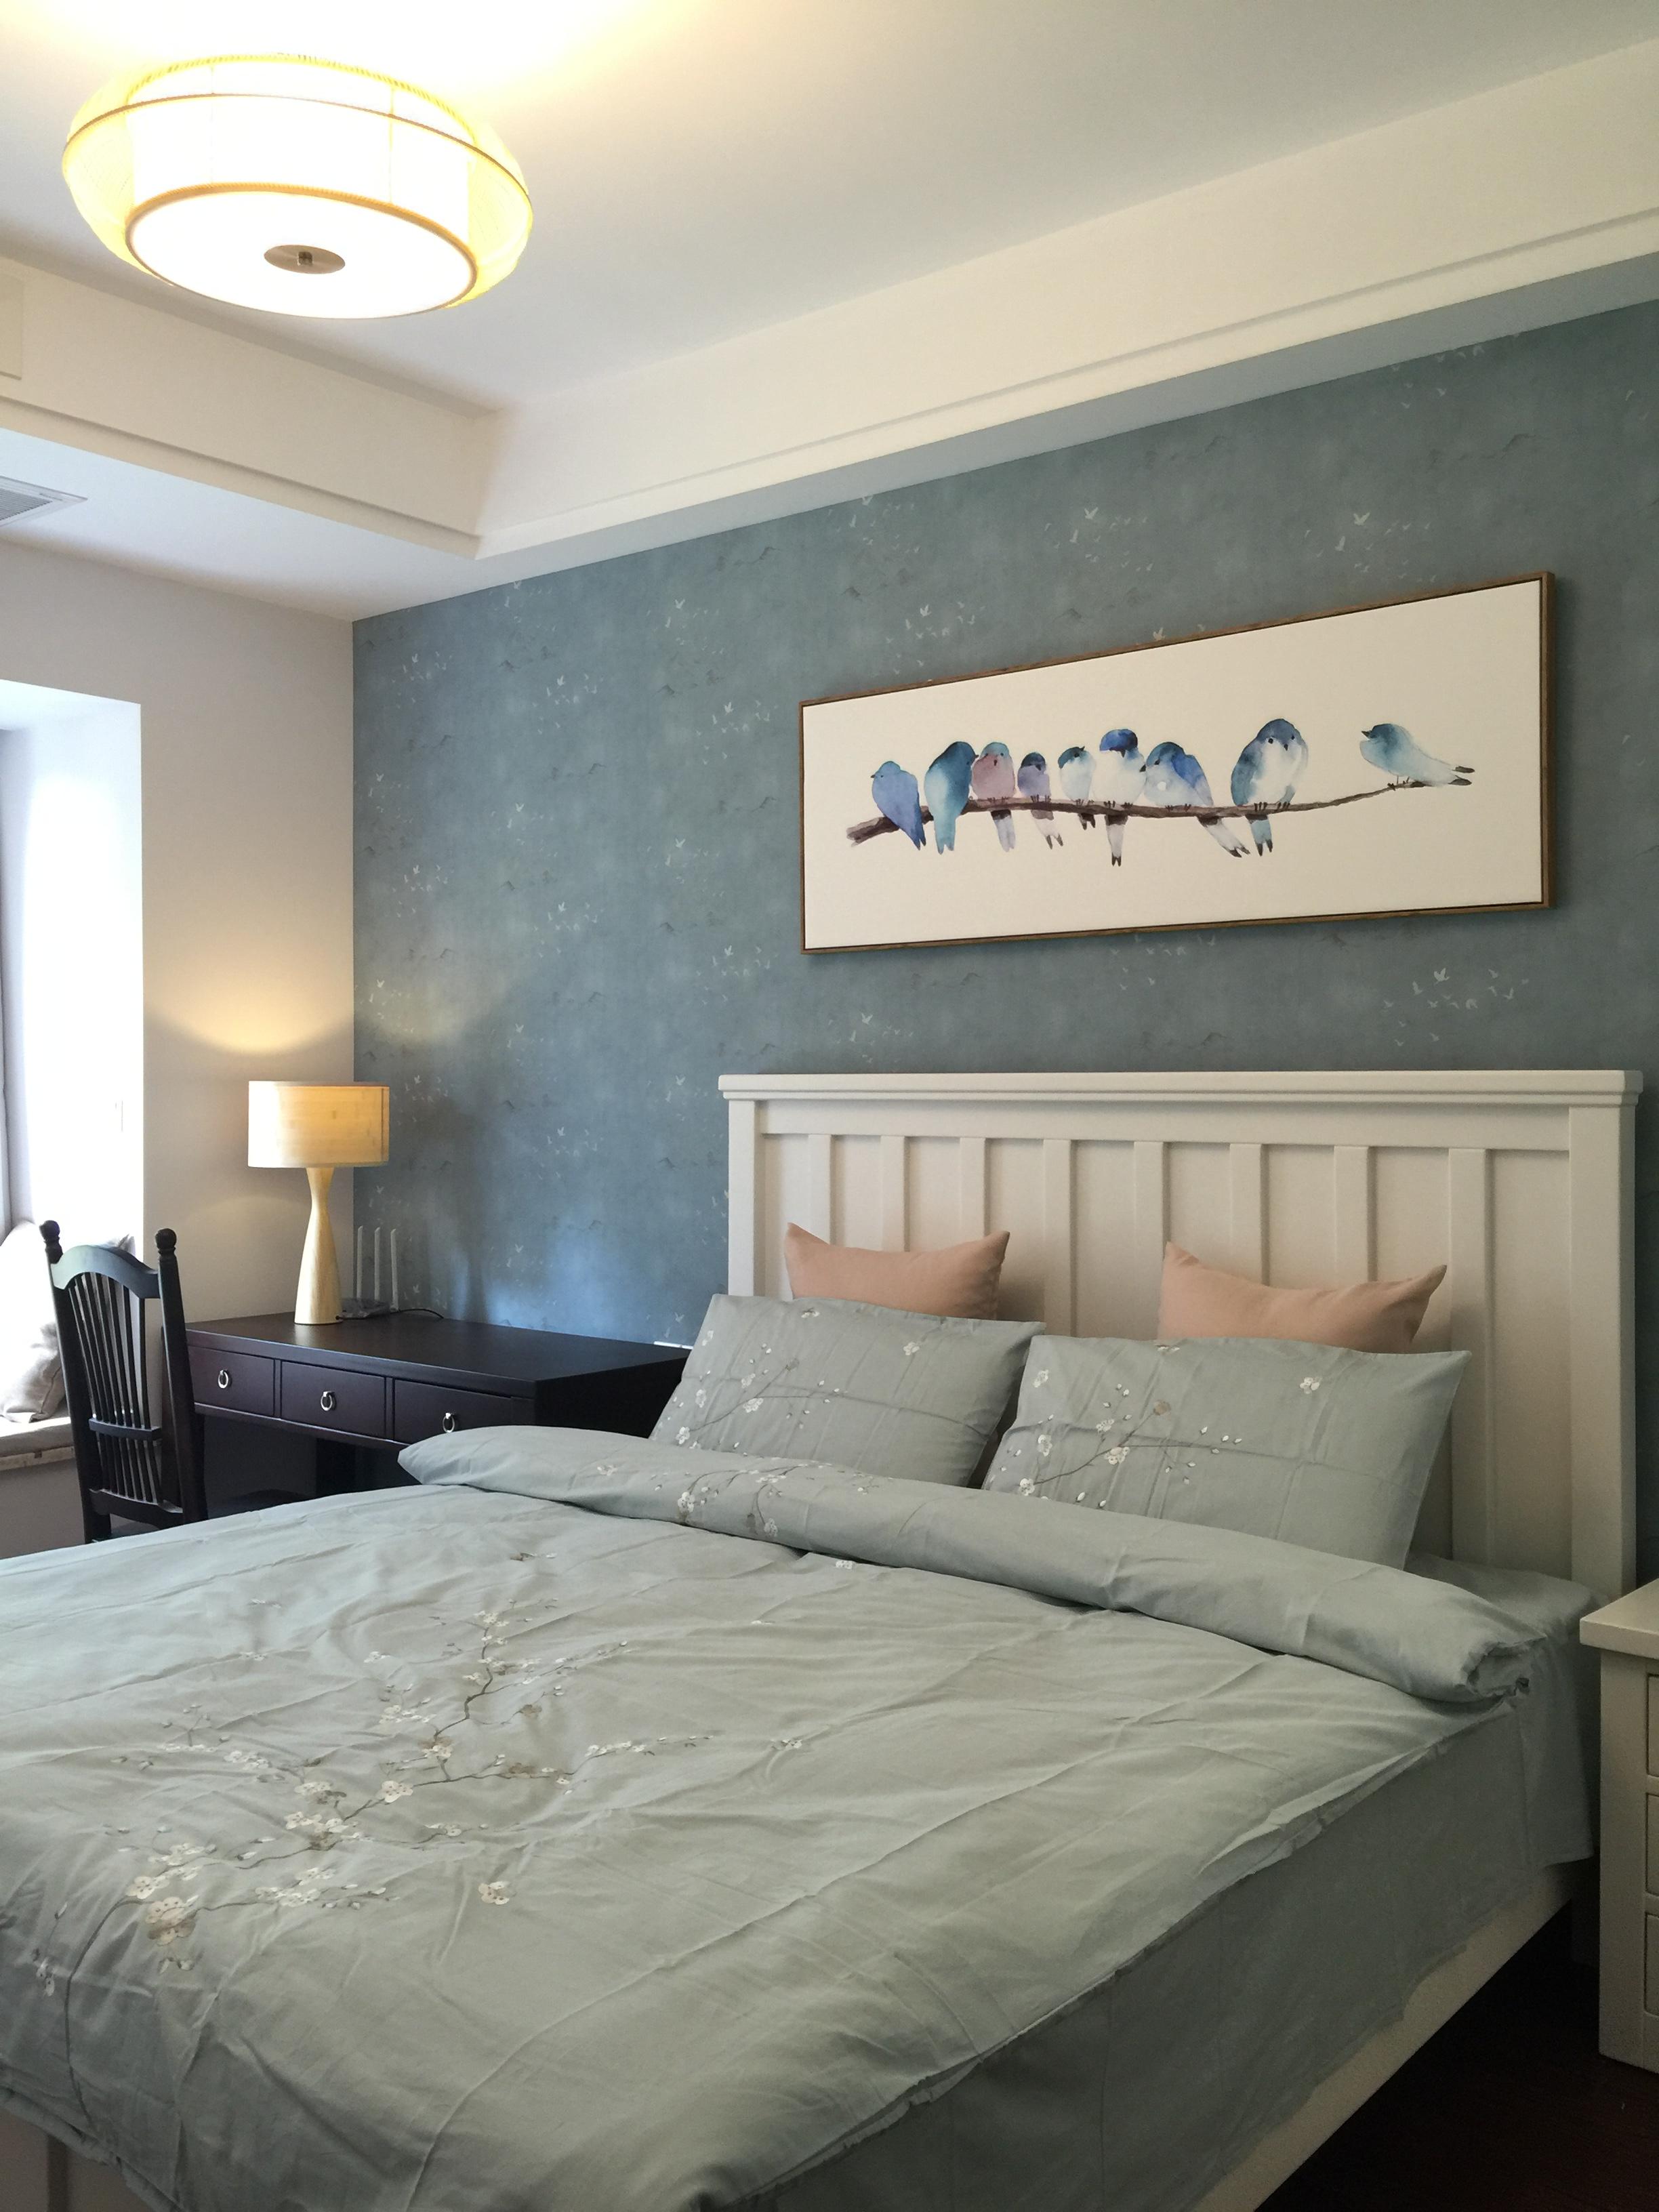 重庆唐卡装 唐卡装饰 新中式 样板间征集 1869685079 跃层 卧室图片来自黄丑丑99在岱山一品——新中式风格的分享